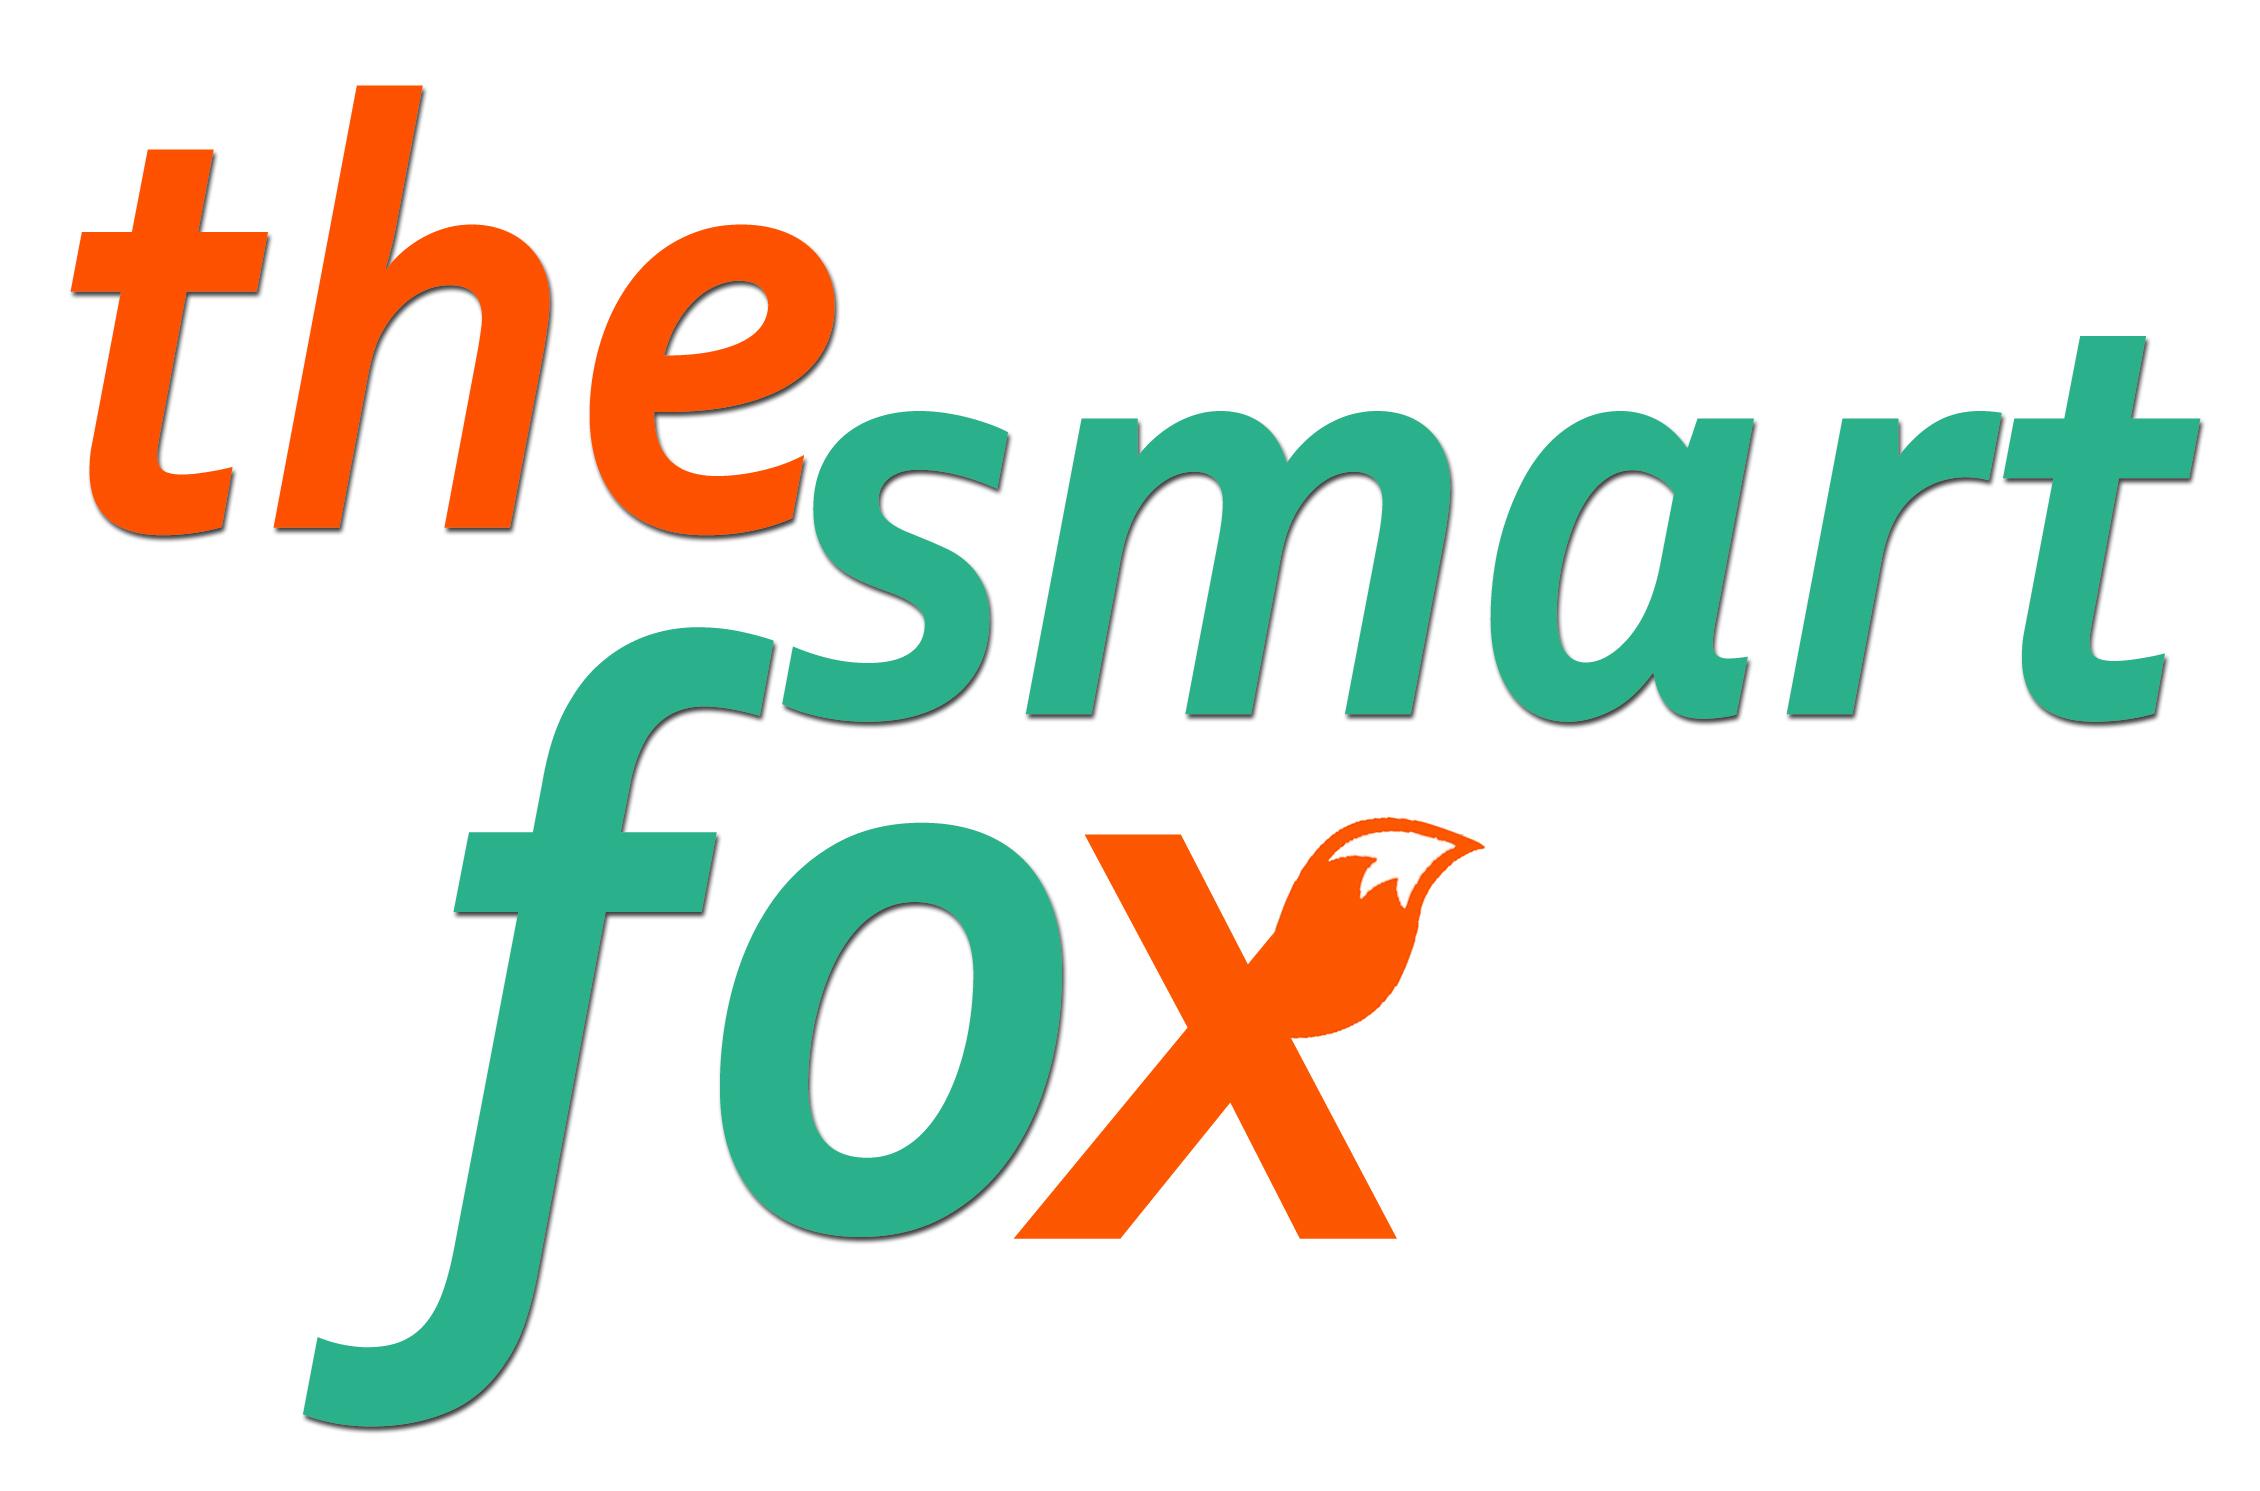 caroline chebassier logo the smart fox la rochelle charente maritime